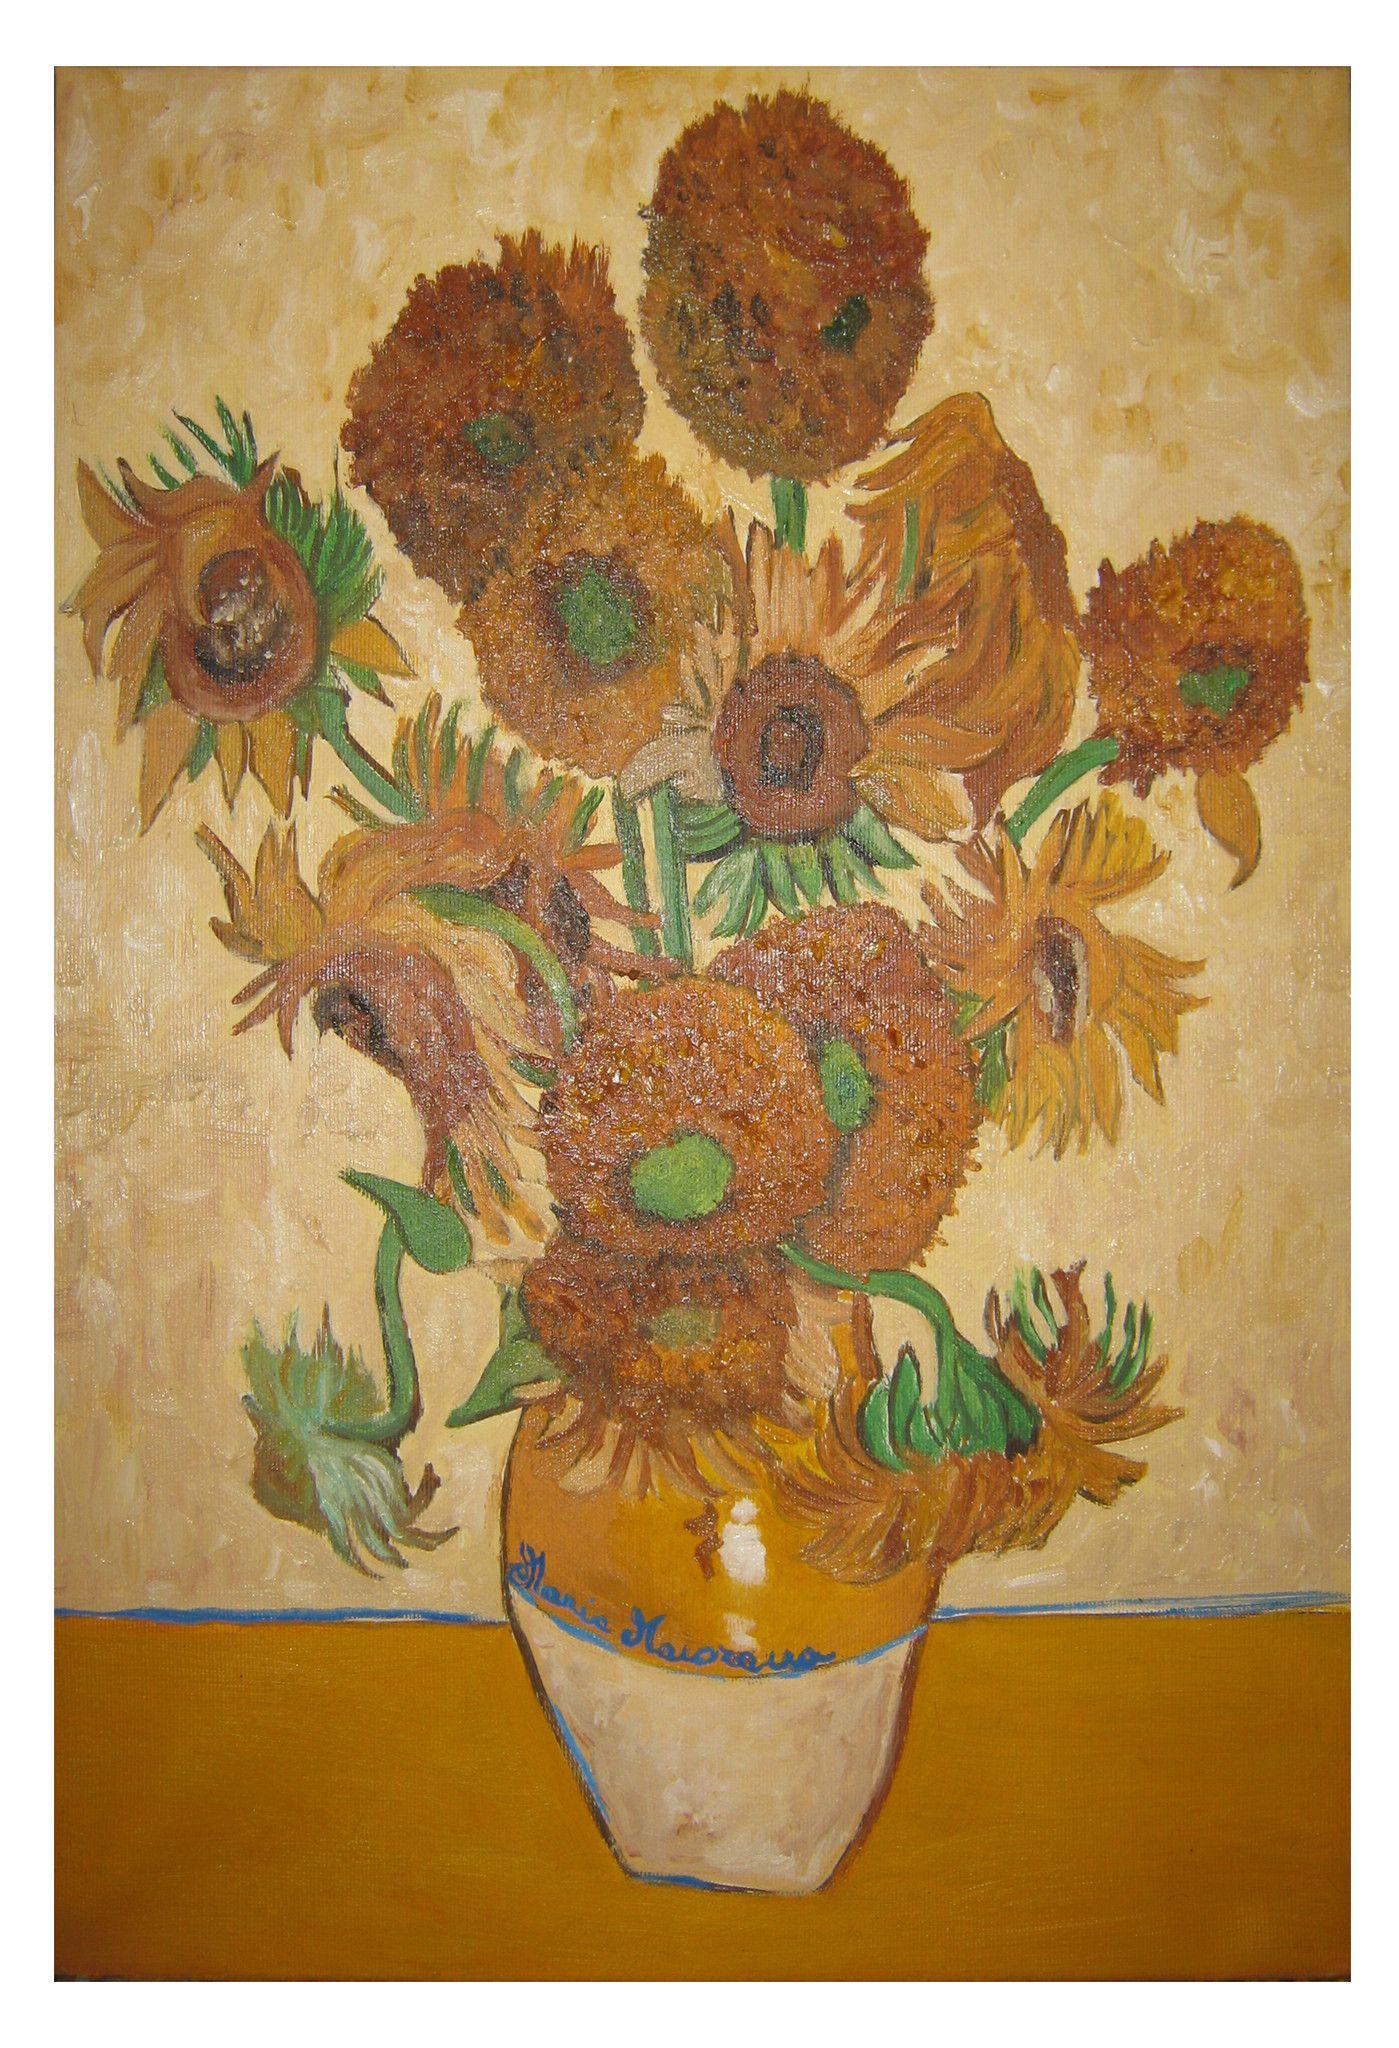 Vaso con quindici girasoli - Copia di Van Gogh